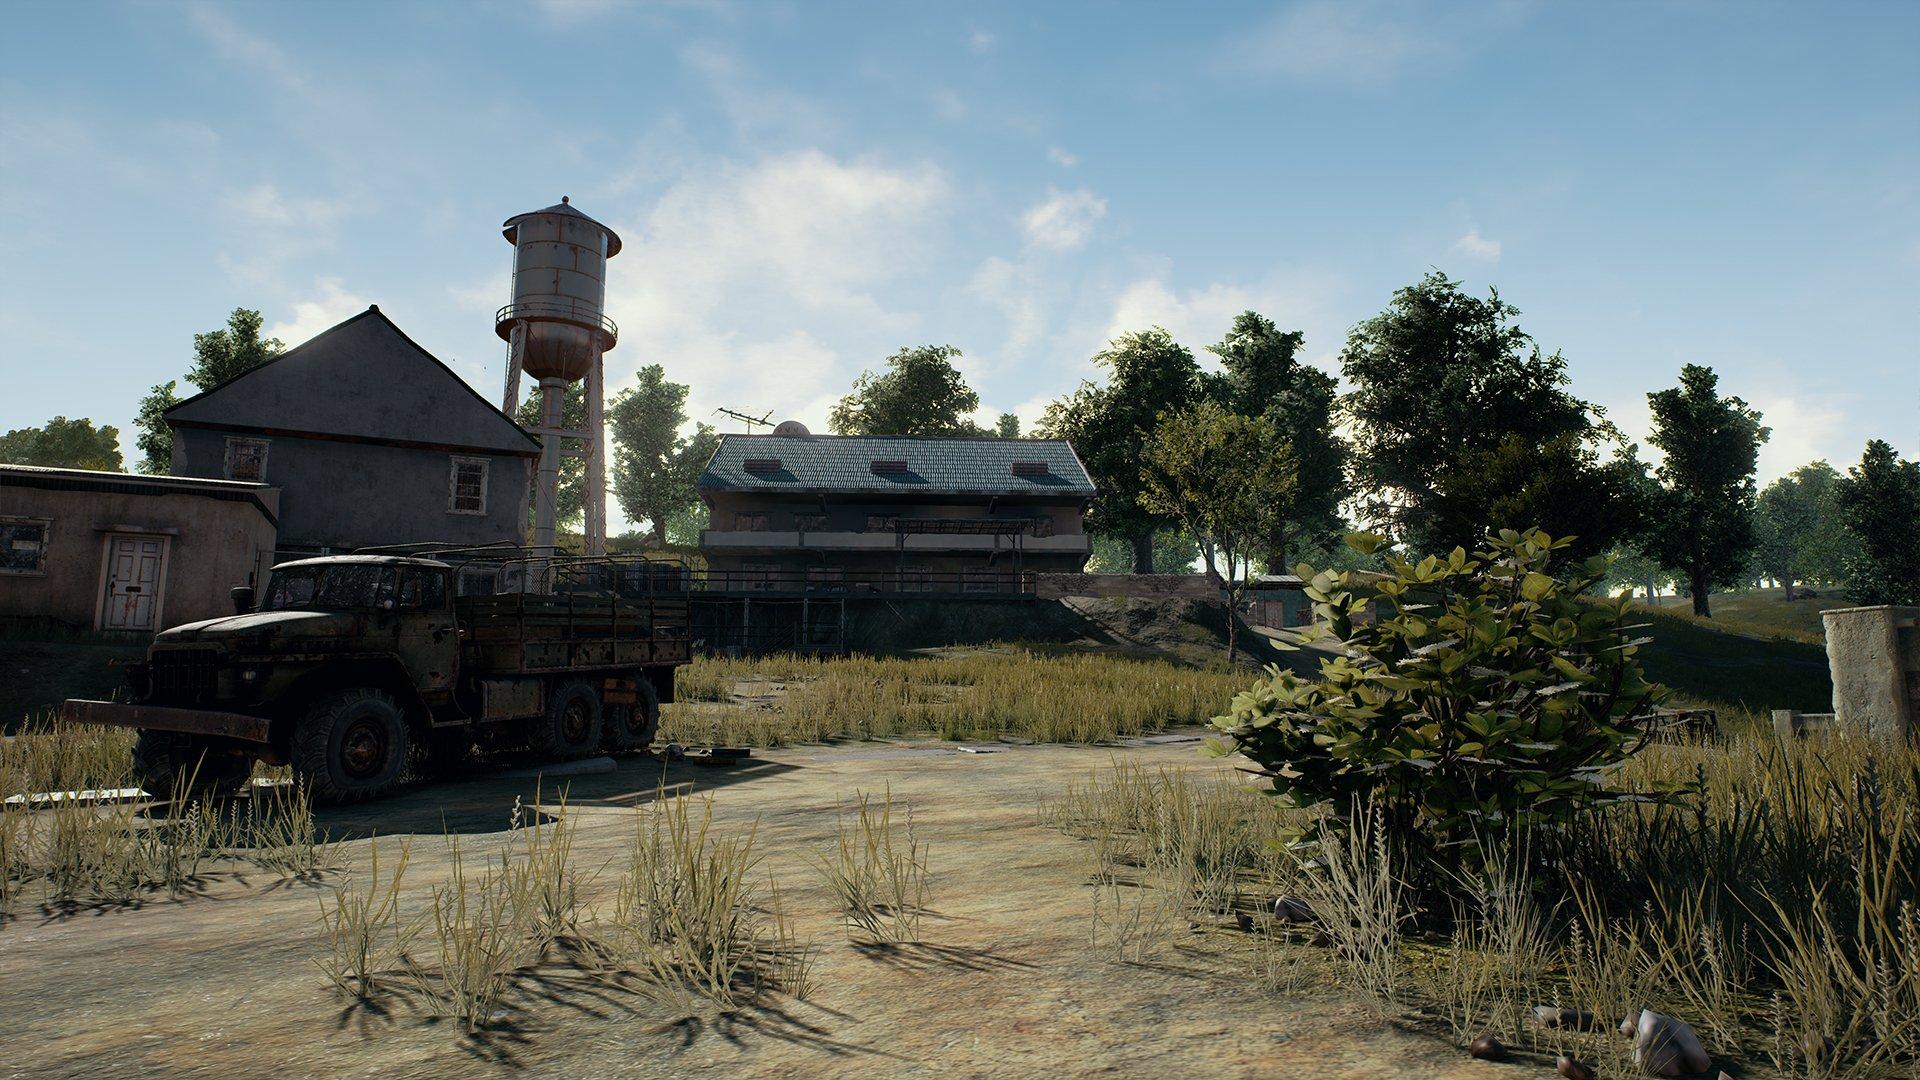 В Playerunknown's Battlegrounds зафиксирована активность в 2 млн. игроков